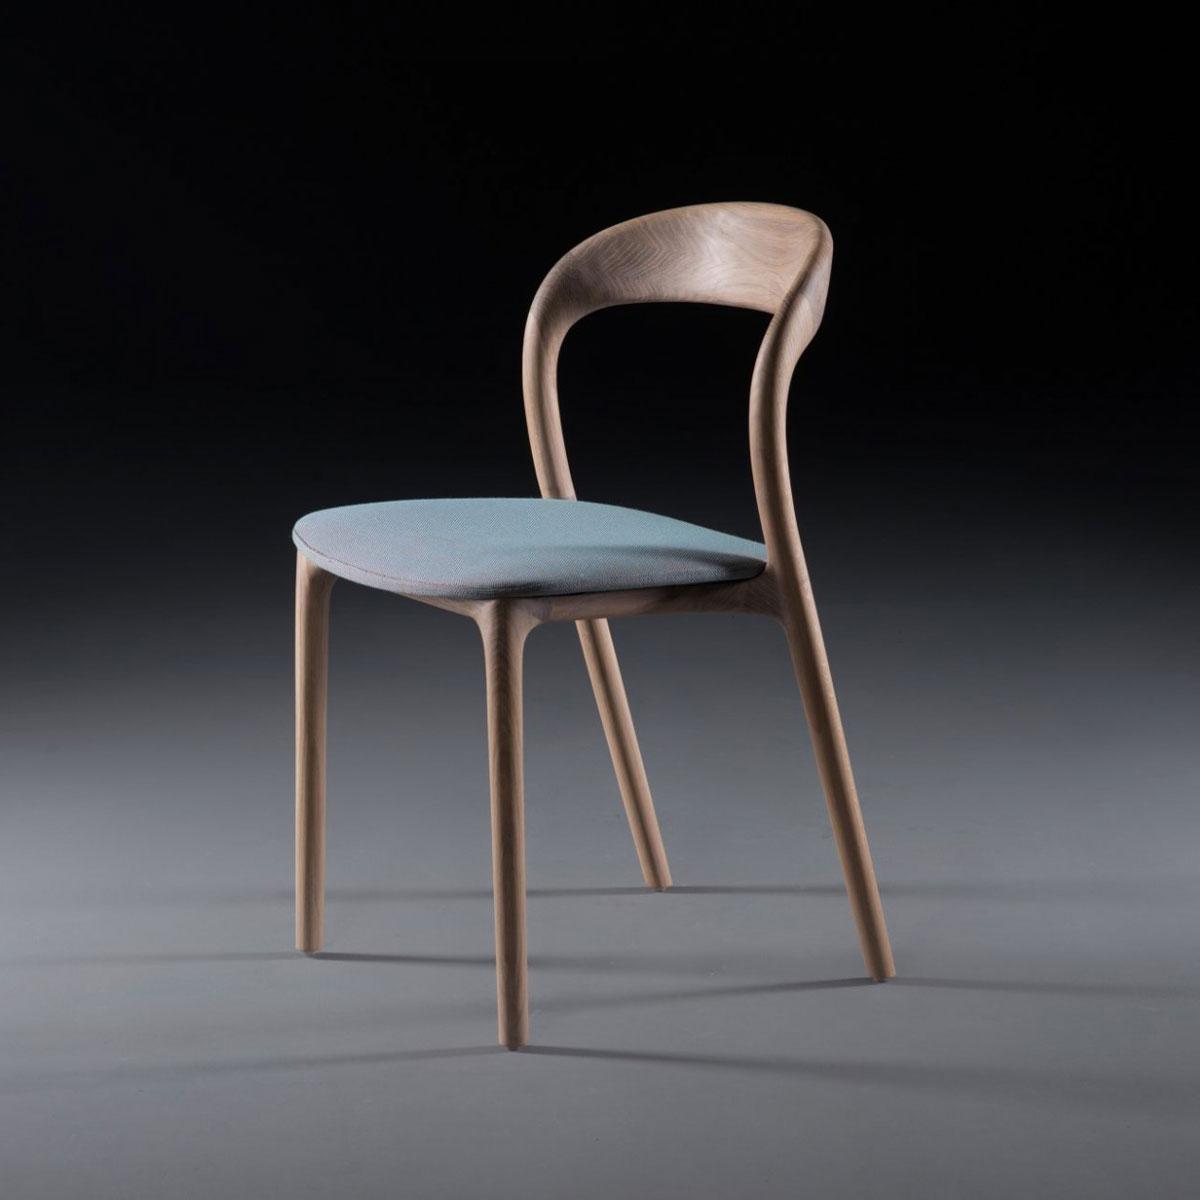 Silla Neva Light, diseño moderno y actual en madera y tapicería a elegir, de producción artesana de calidad europea